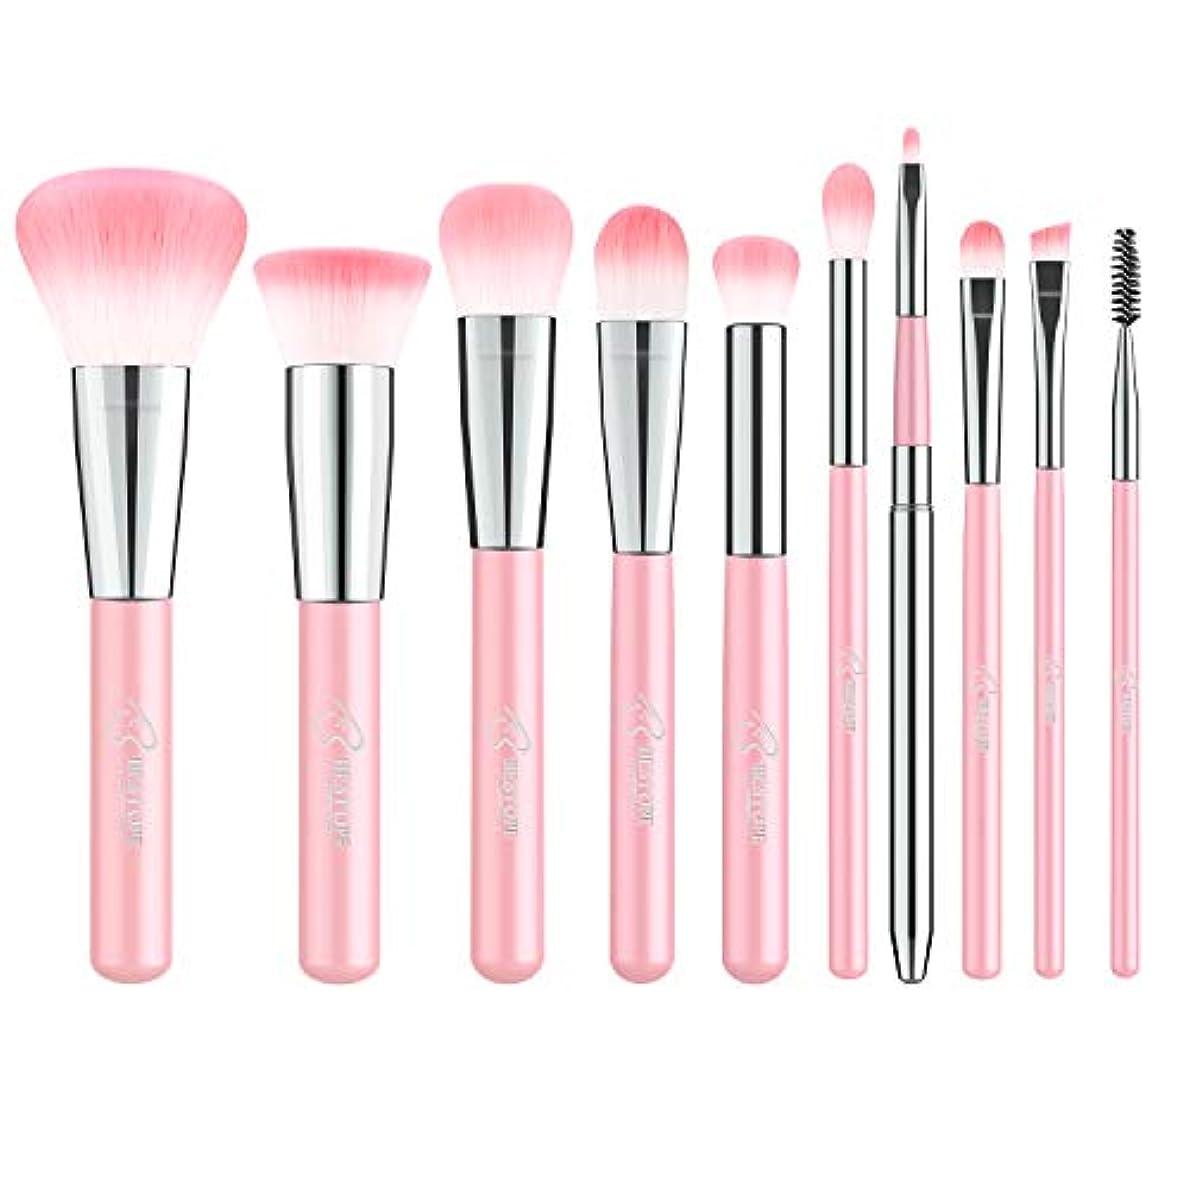 恥ずかしさ関与するハイライトBESTOPE メイクブラシ 10本セット 化粧ブラシ 化粧筆 ファンデーションブラシ フェイスブラシ 高級繊維毛 化粧ポーチ付き ピンク